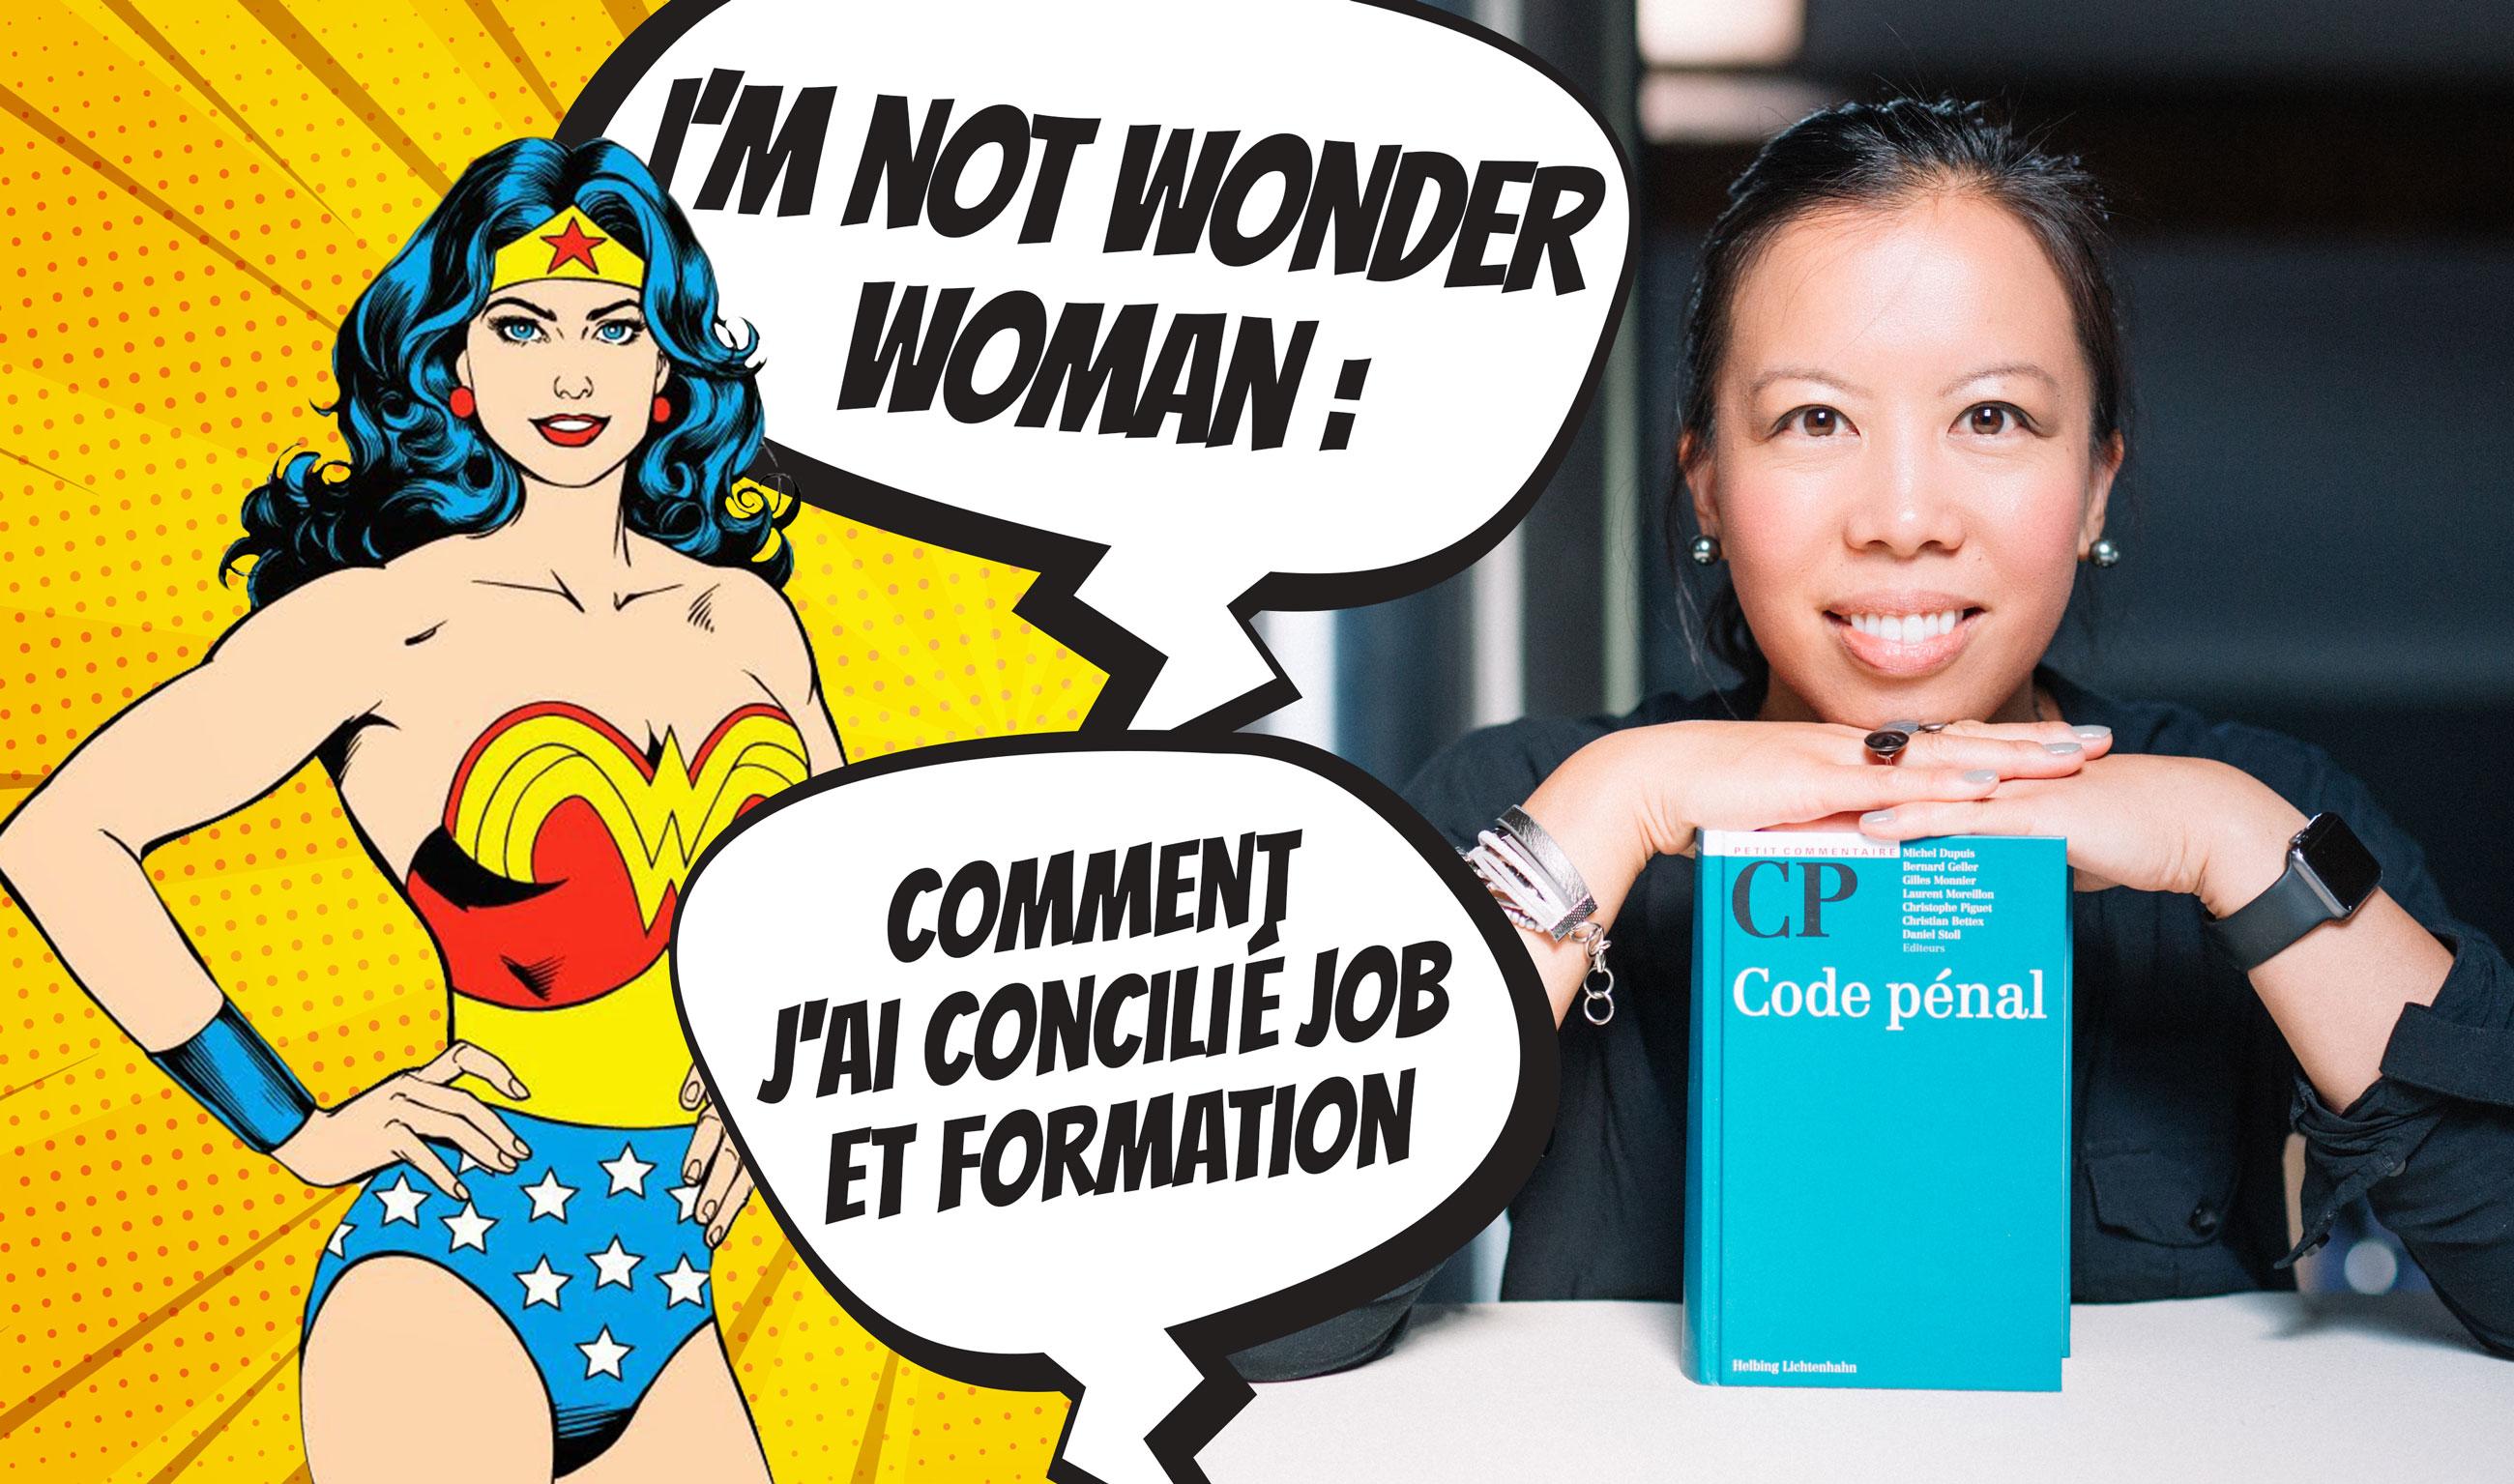 I am not a wonderwoman: comment j'ai concilié job et formation